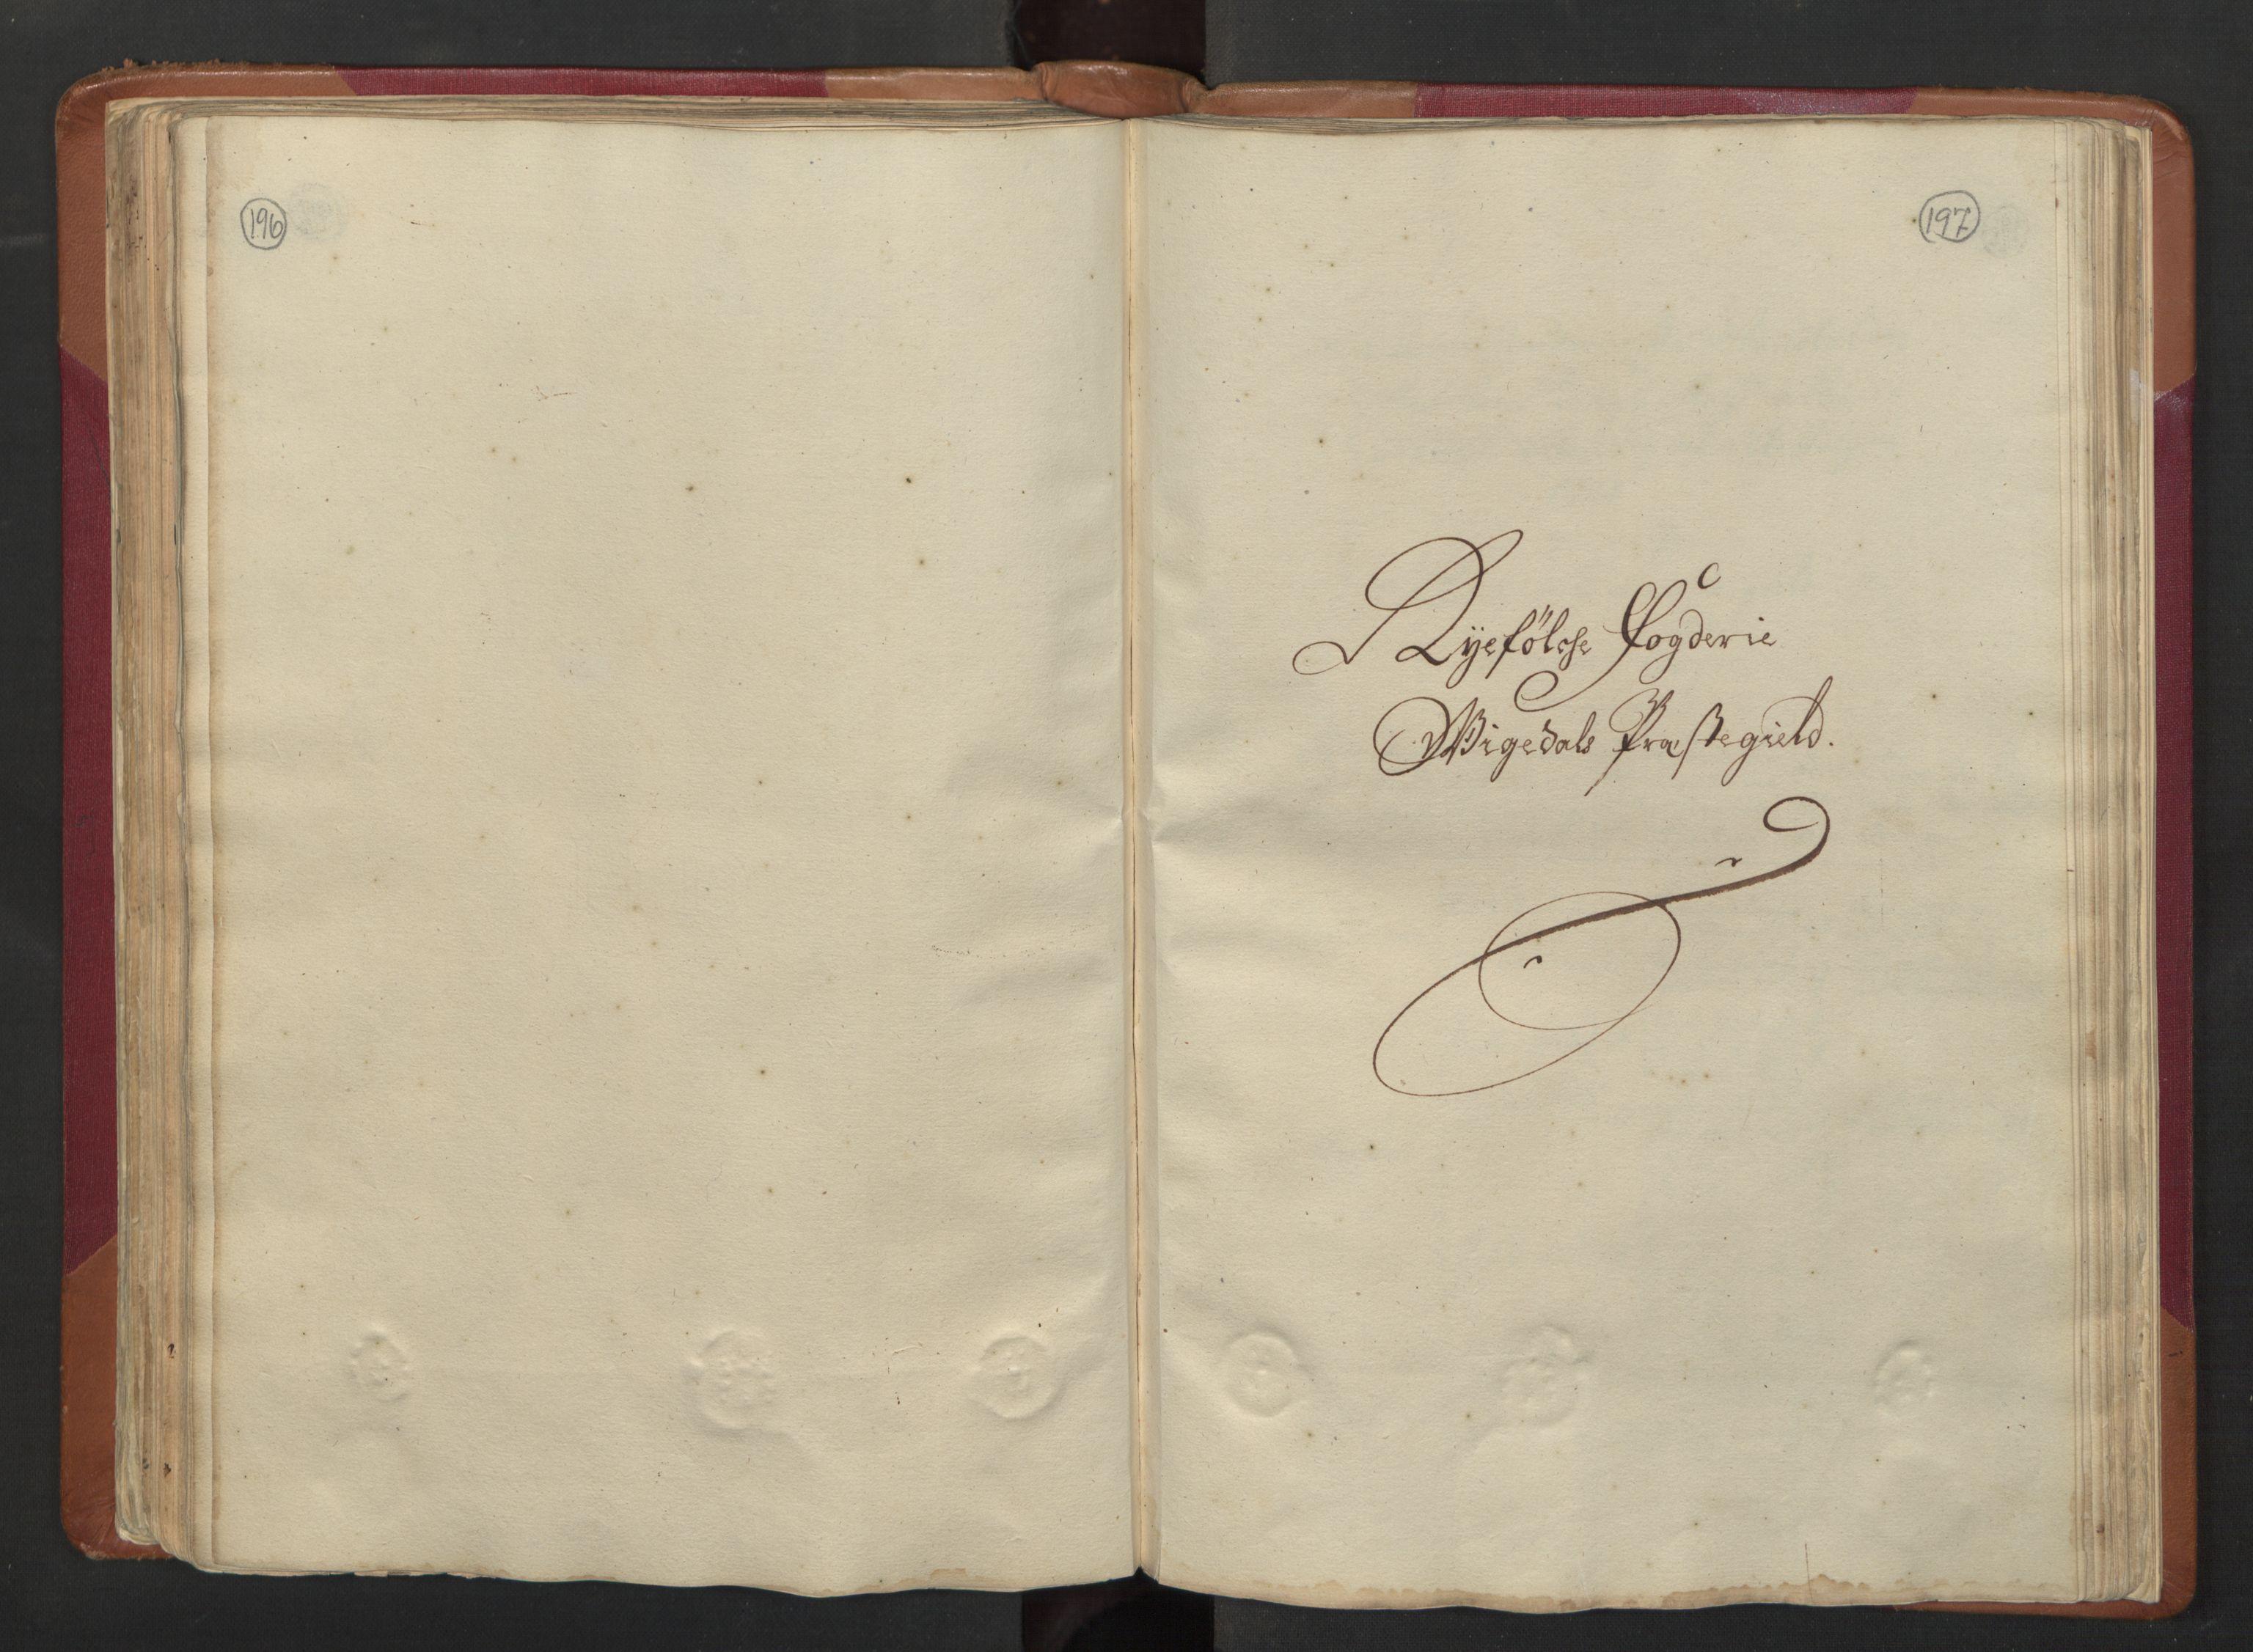 RA, Manntallet 1701, nr. 5: Ryfylke fogderi, 1701, s. 196-197